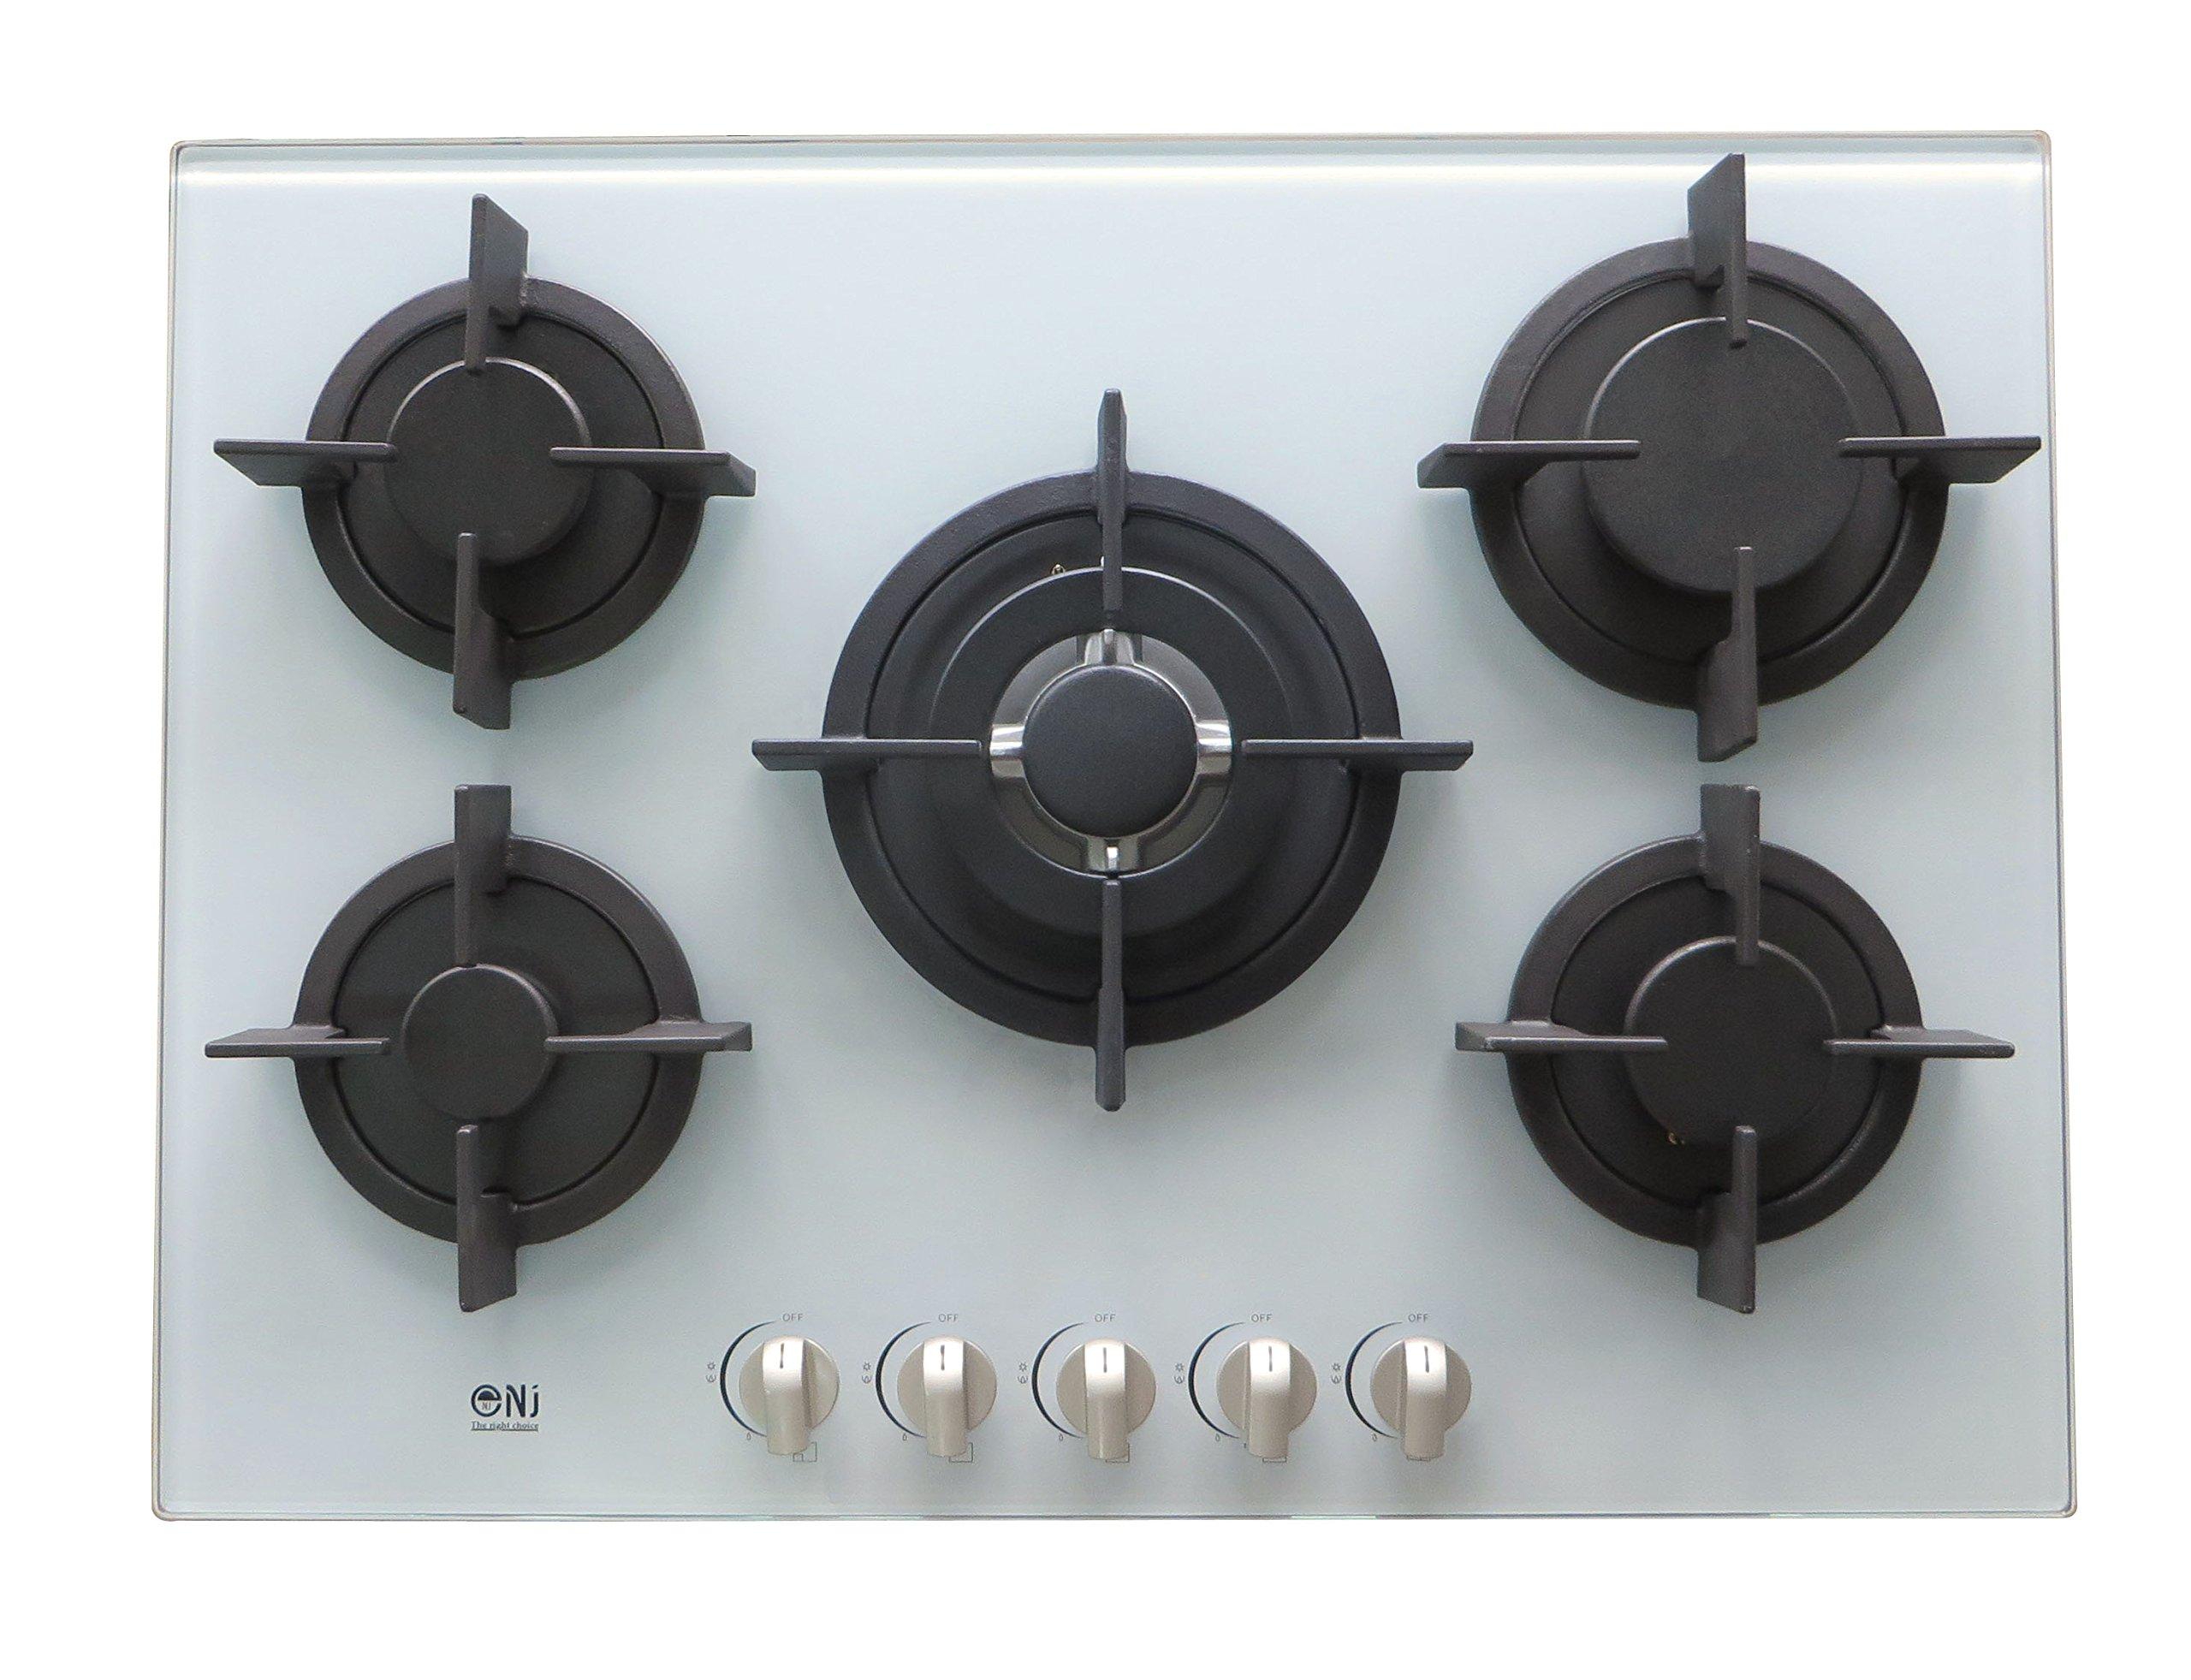 NJ-705G 5 Bruciatore Piano Cottura 70cm Gas Gamma ad Incasso in Vetro Temperato Cucina Piano Cottura